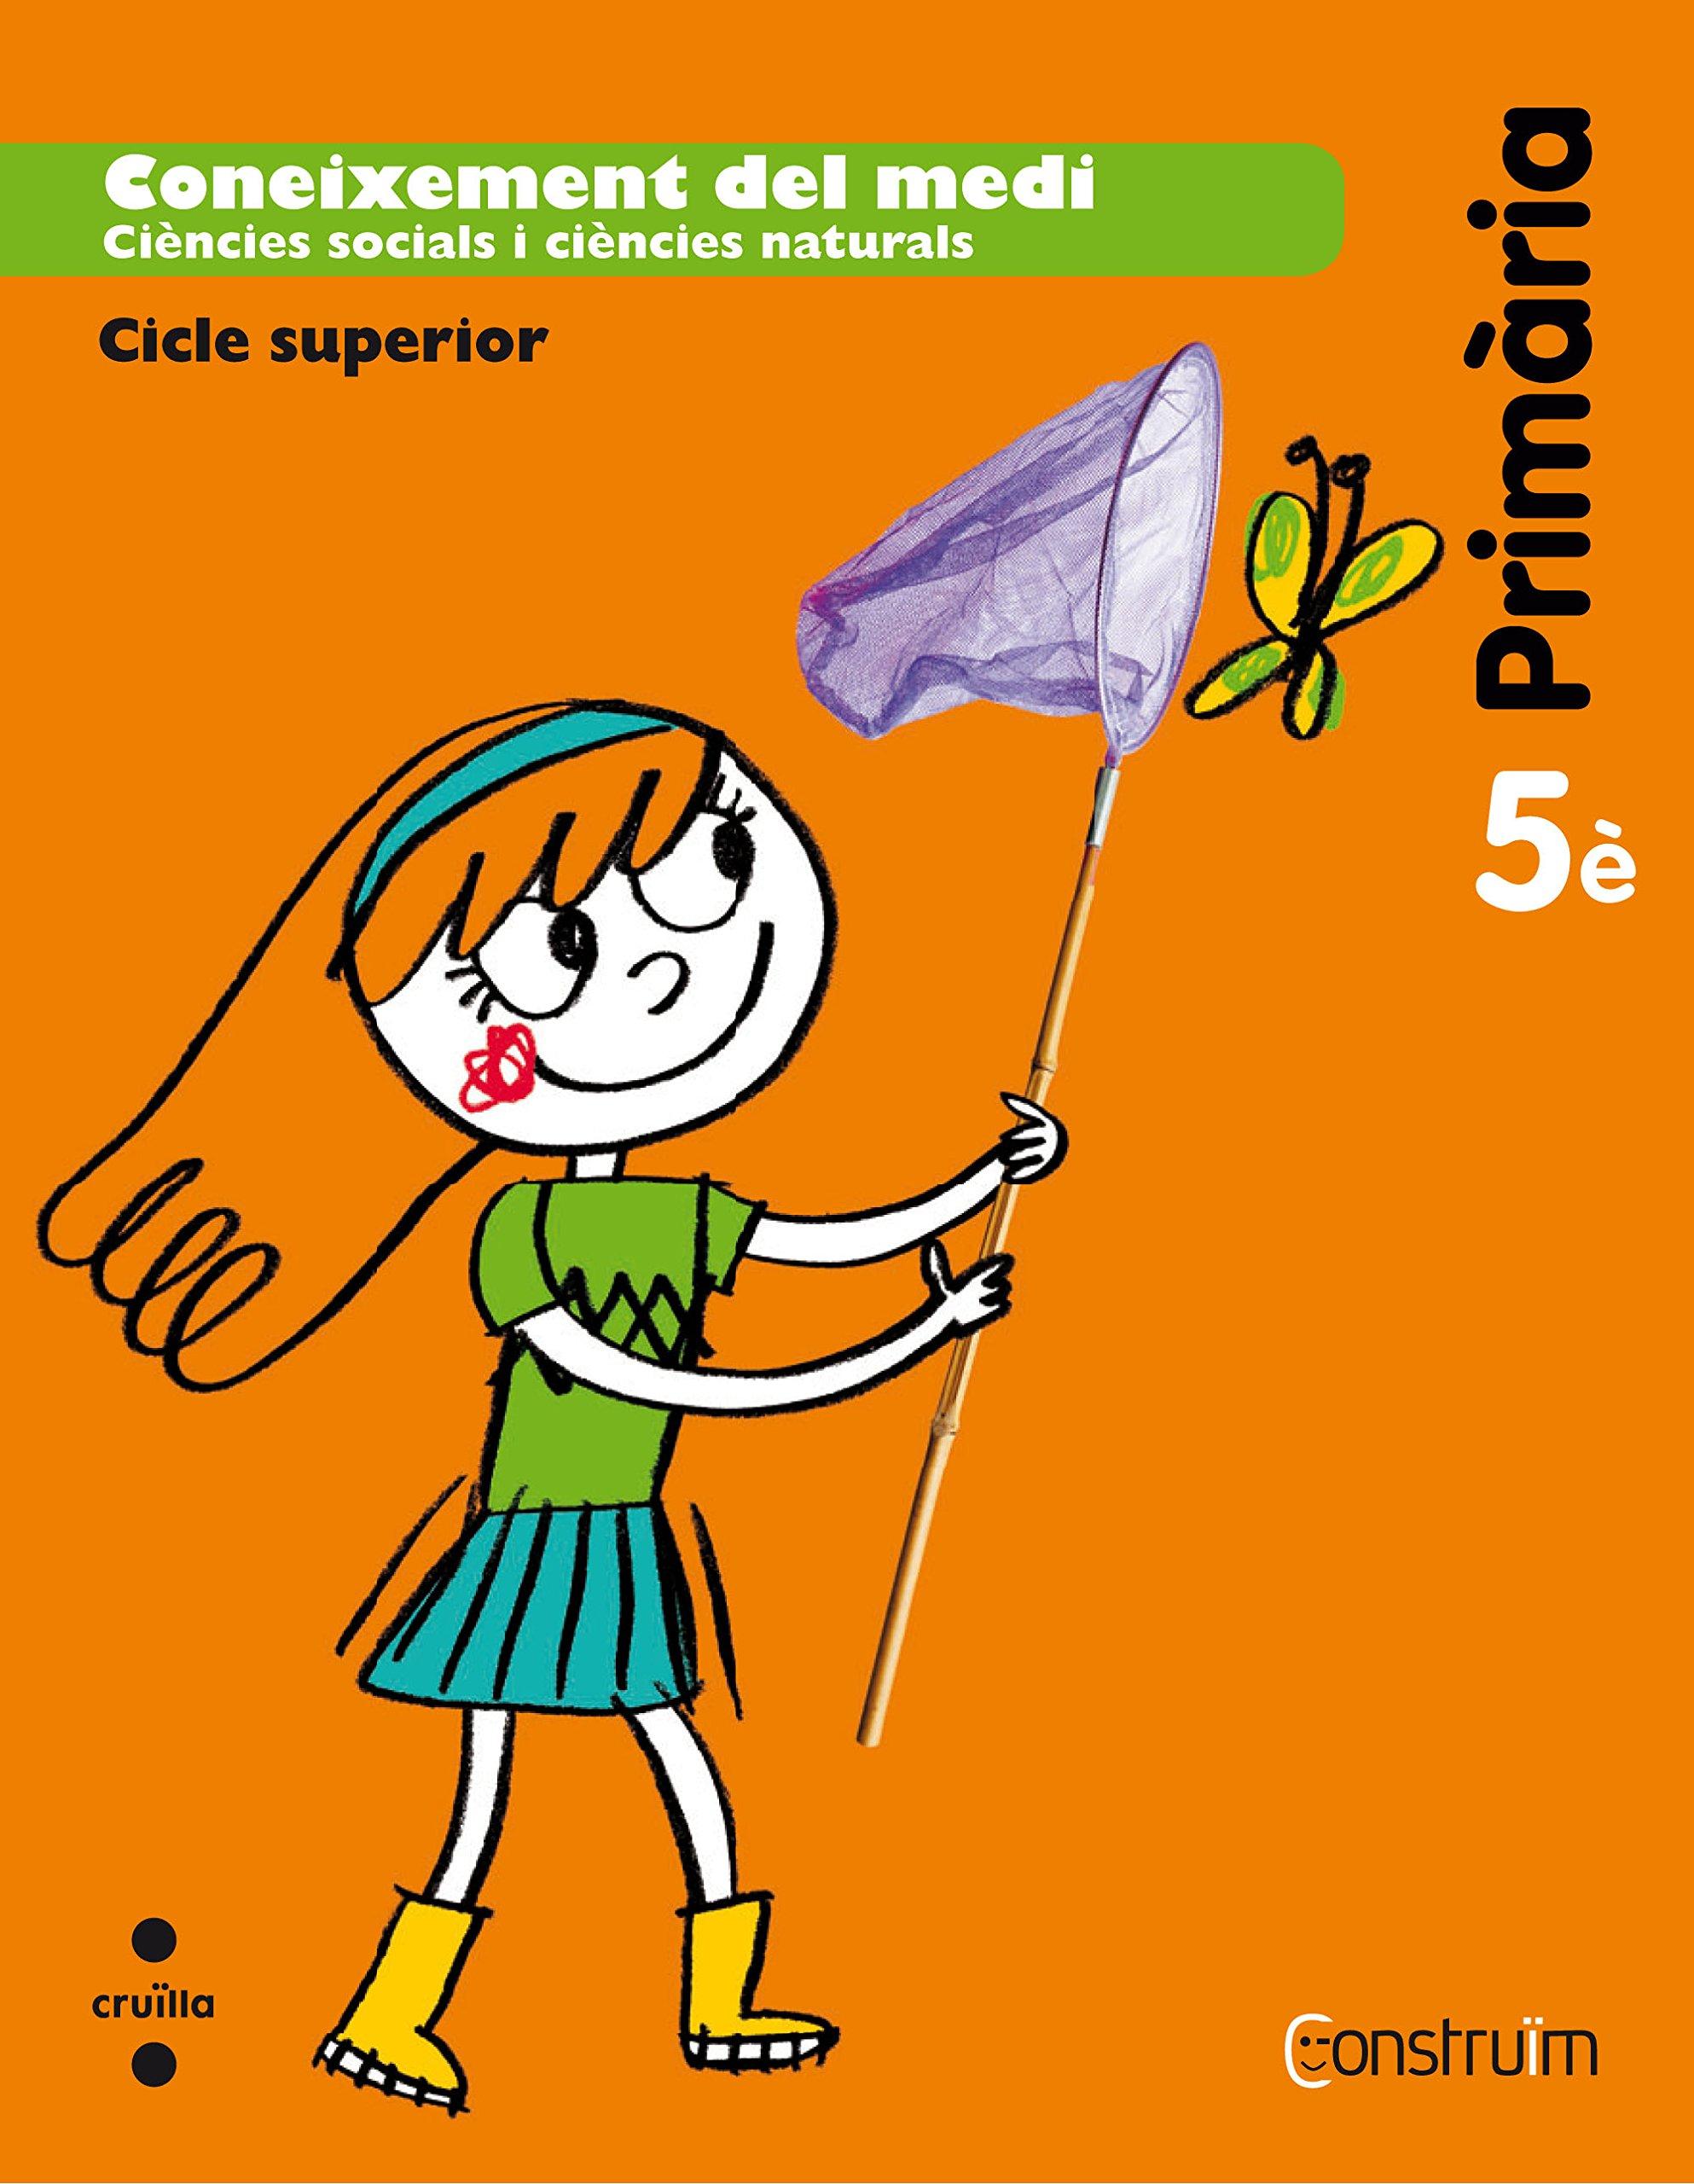 Coneixement del medi. 5 Primària. Construïm: Amazon.es: Ferran / Custodio  Fitó, Enric Medina Restoy: Libros